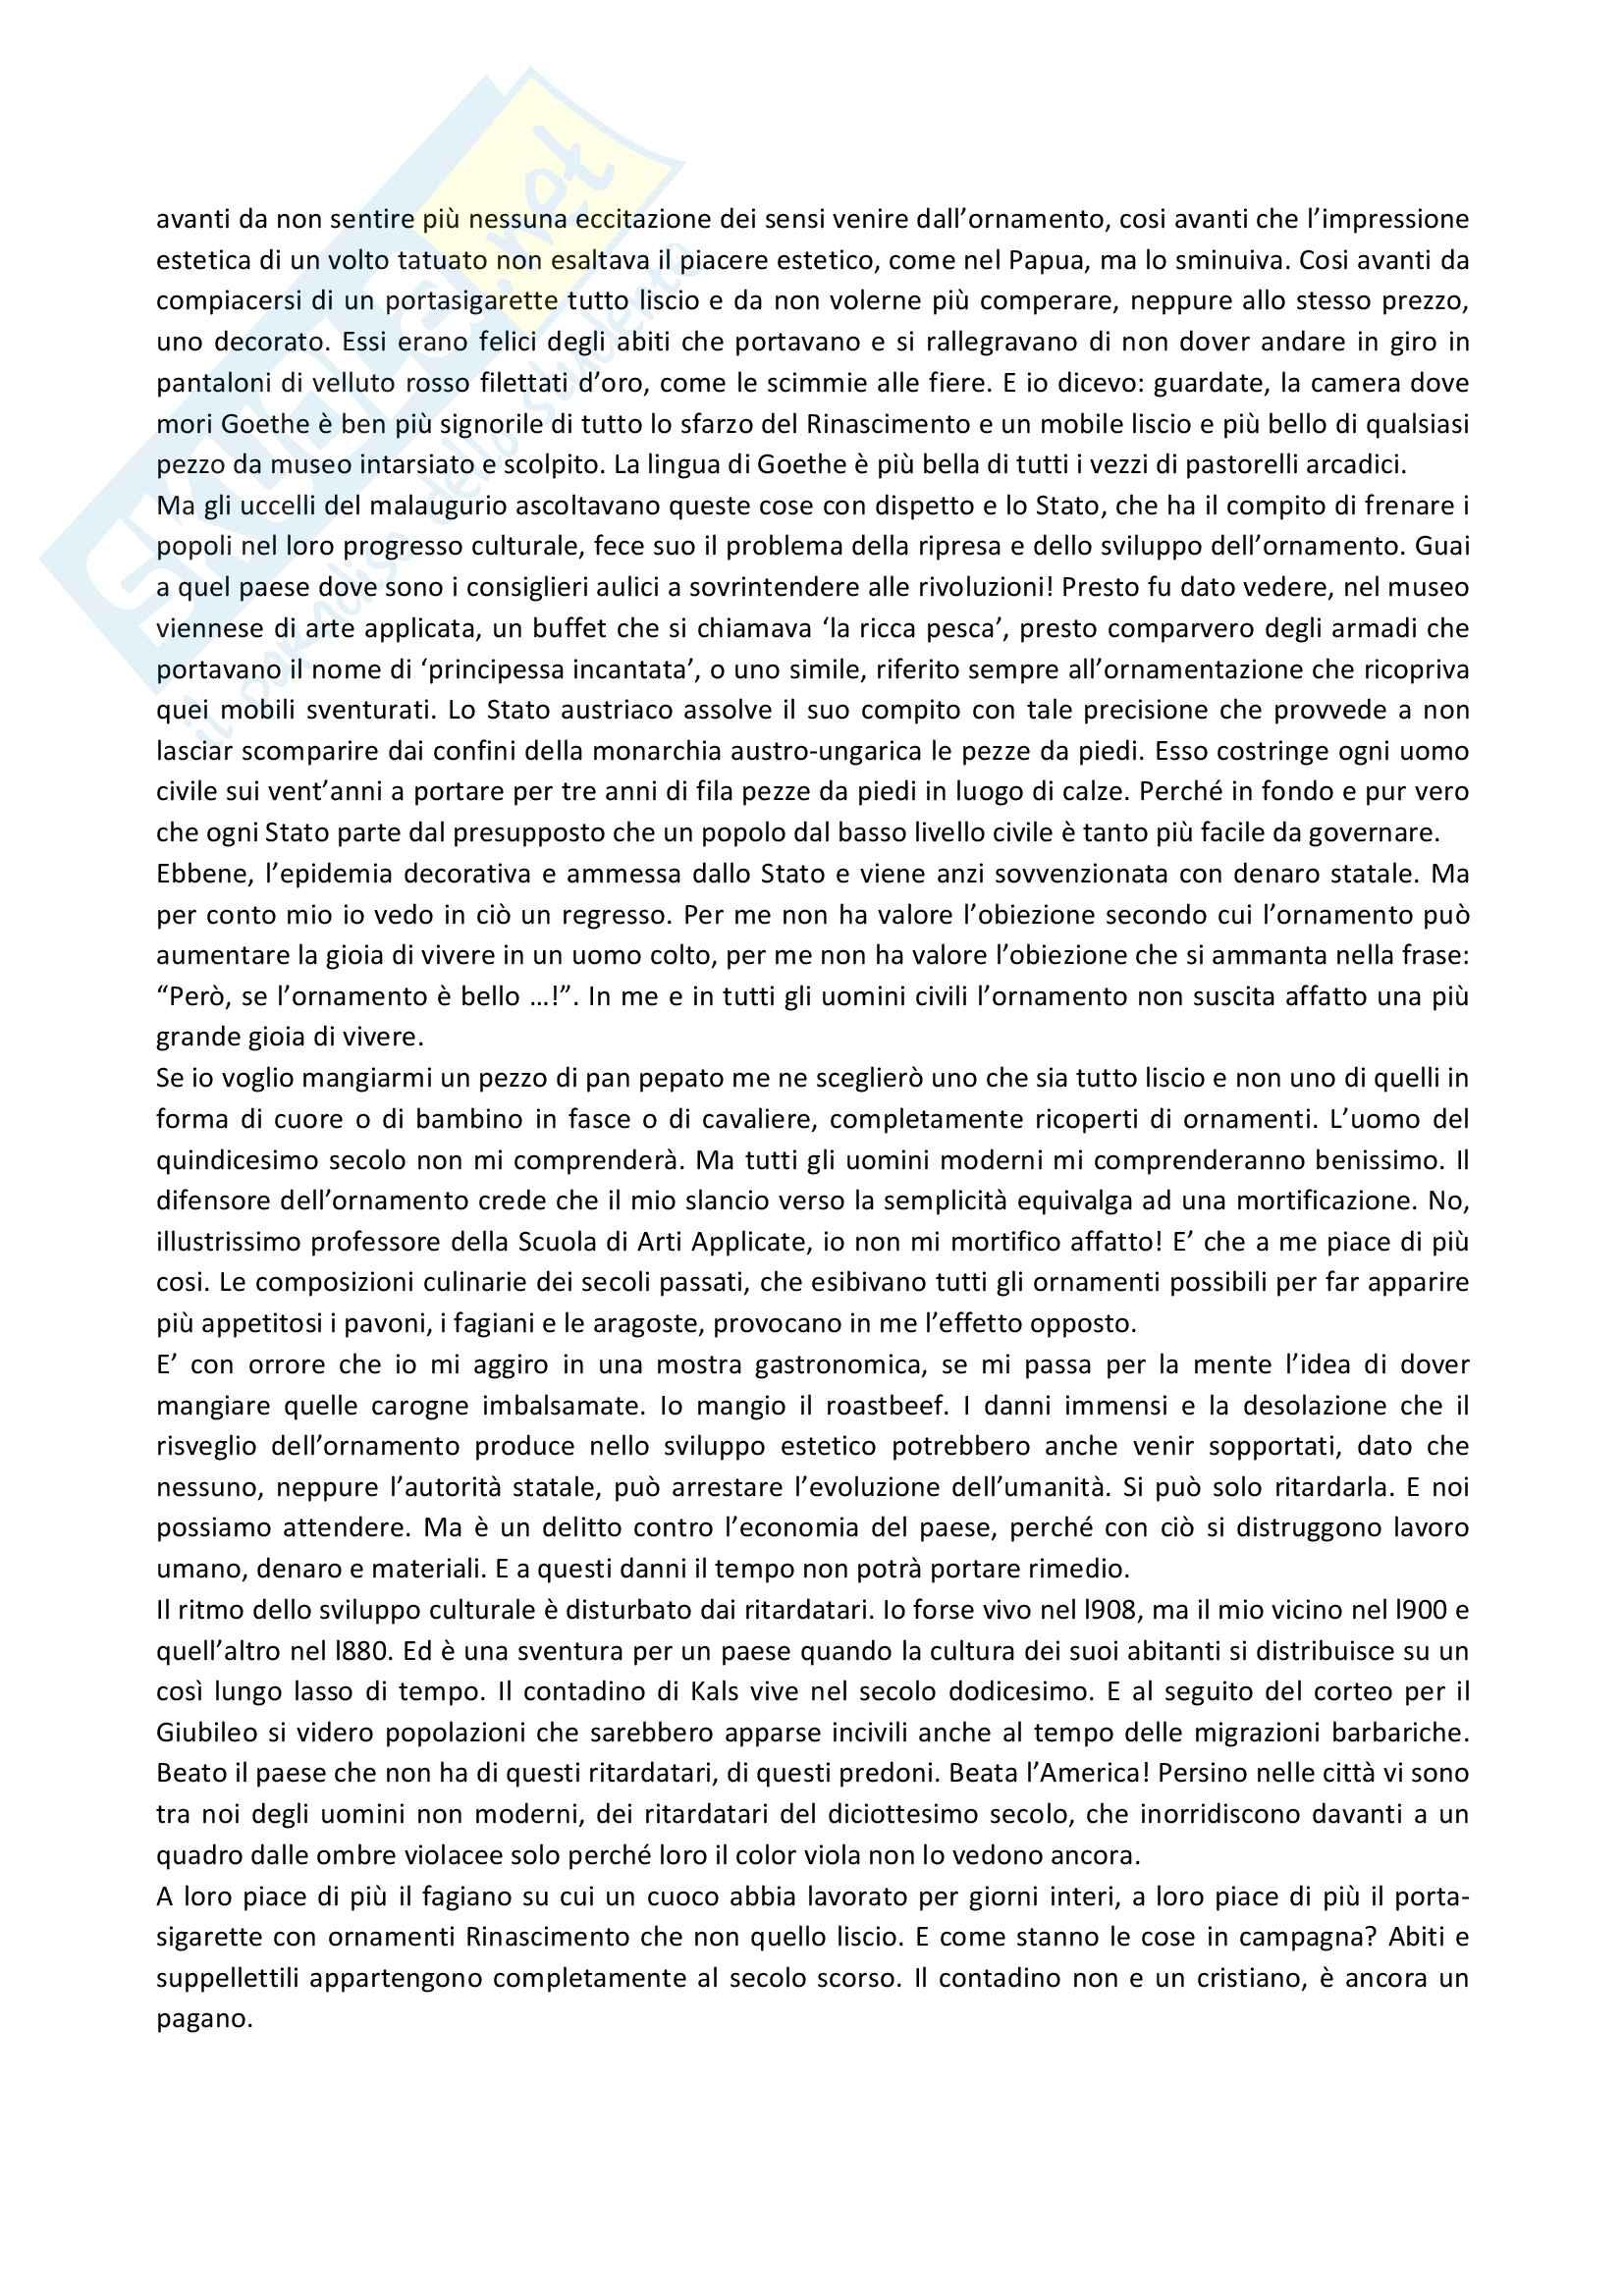 Appunti Storia Dell'Architettura Contemporanea CON FOTO Pag. 41